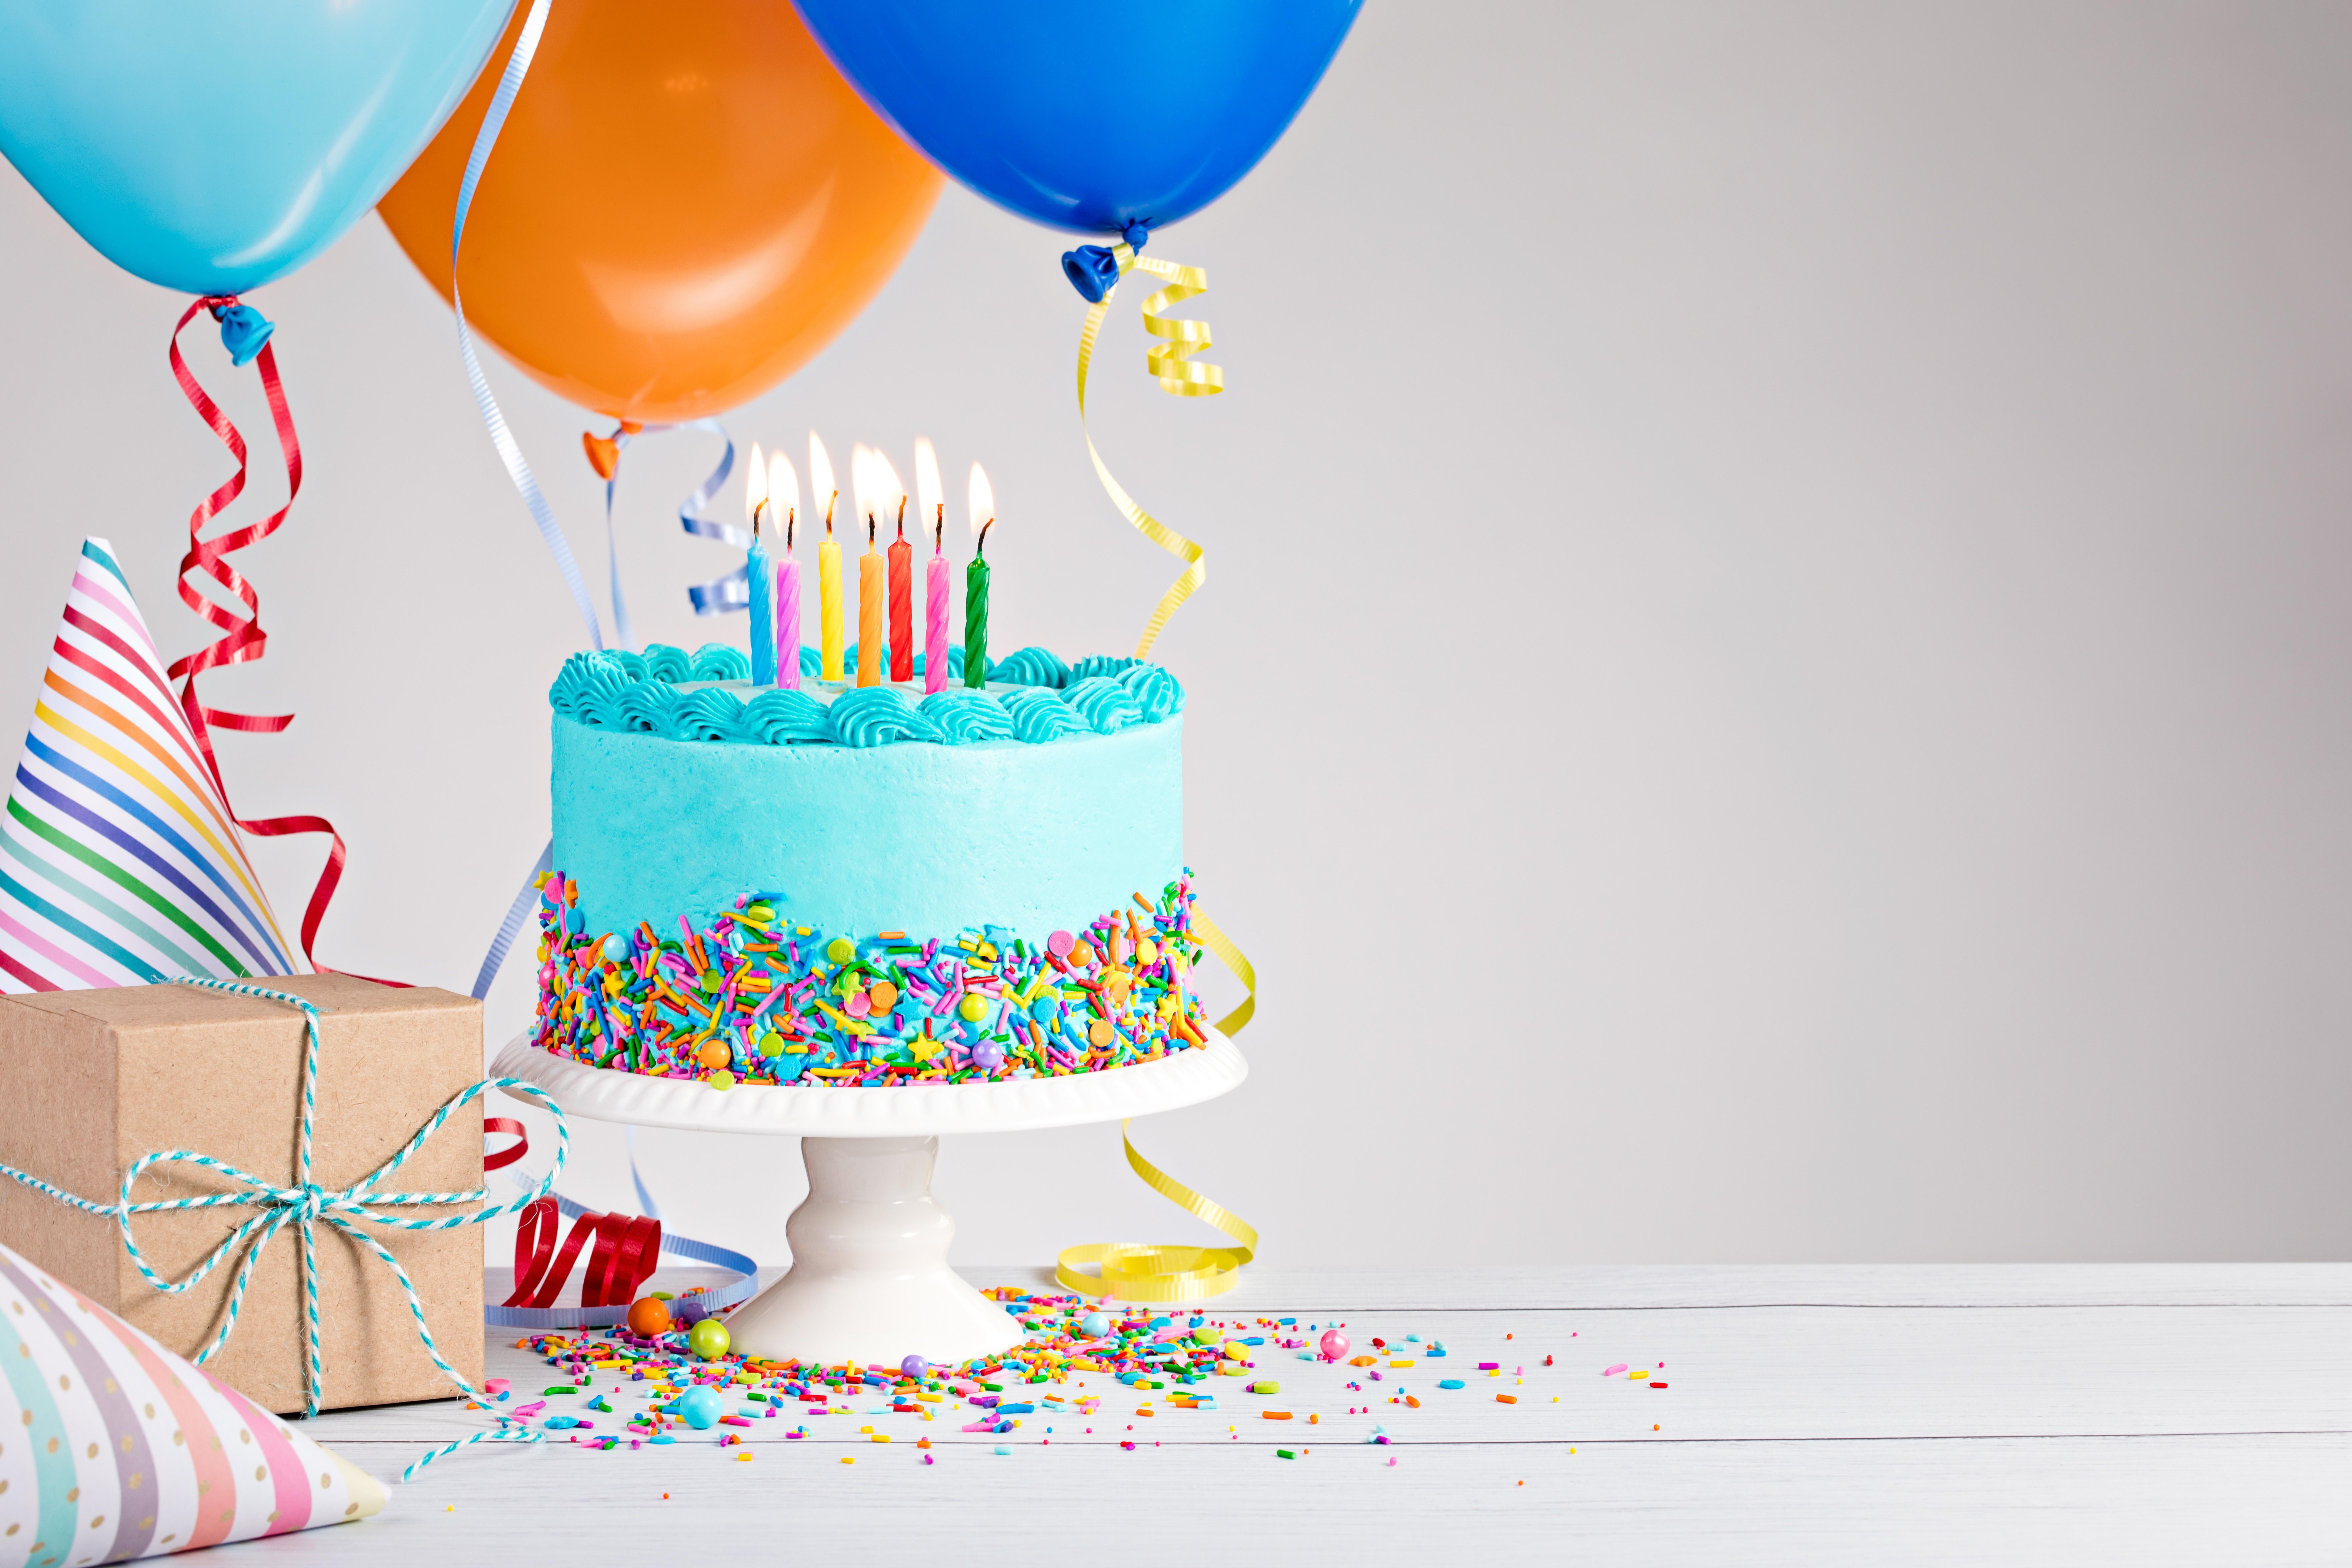 Кусок торта со свечей  № 2183979 без смс